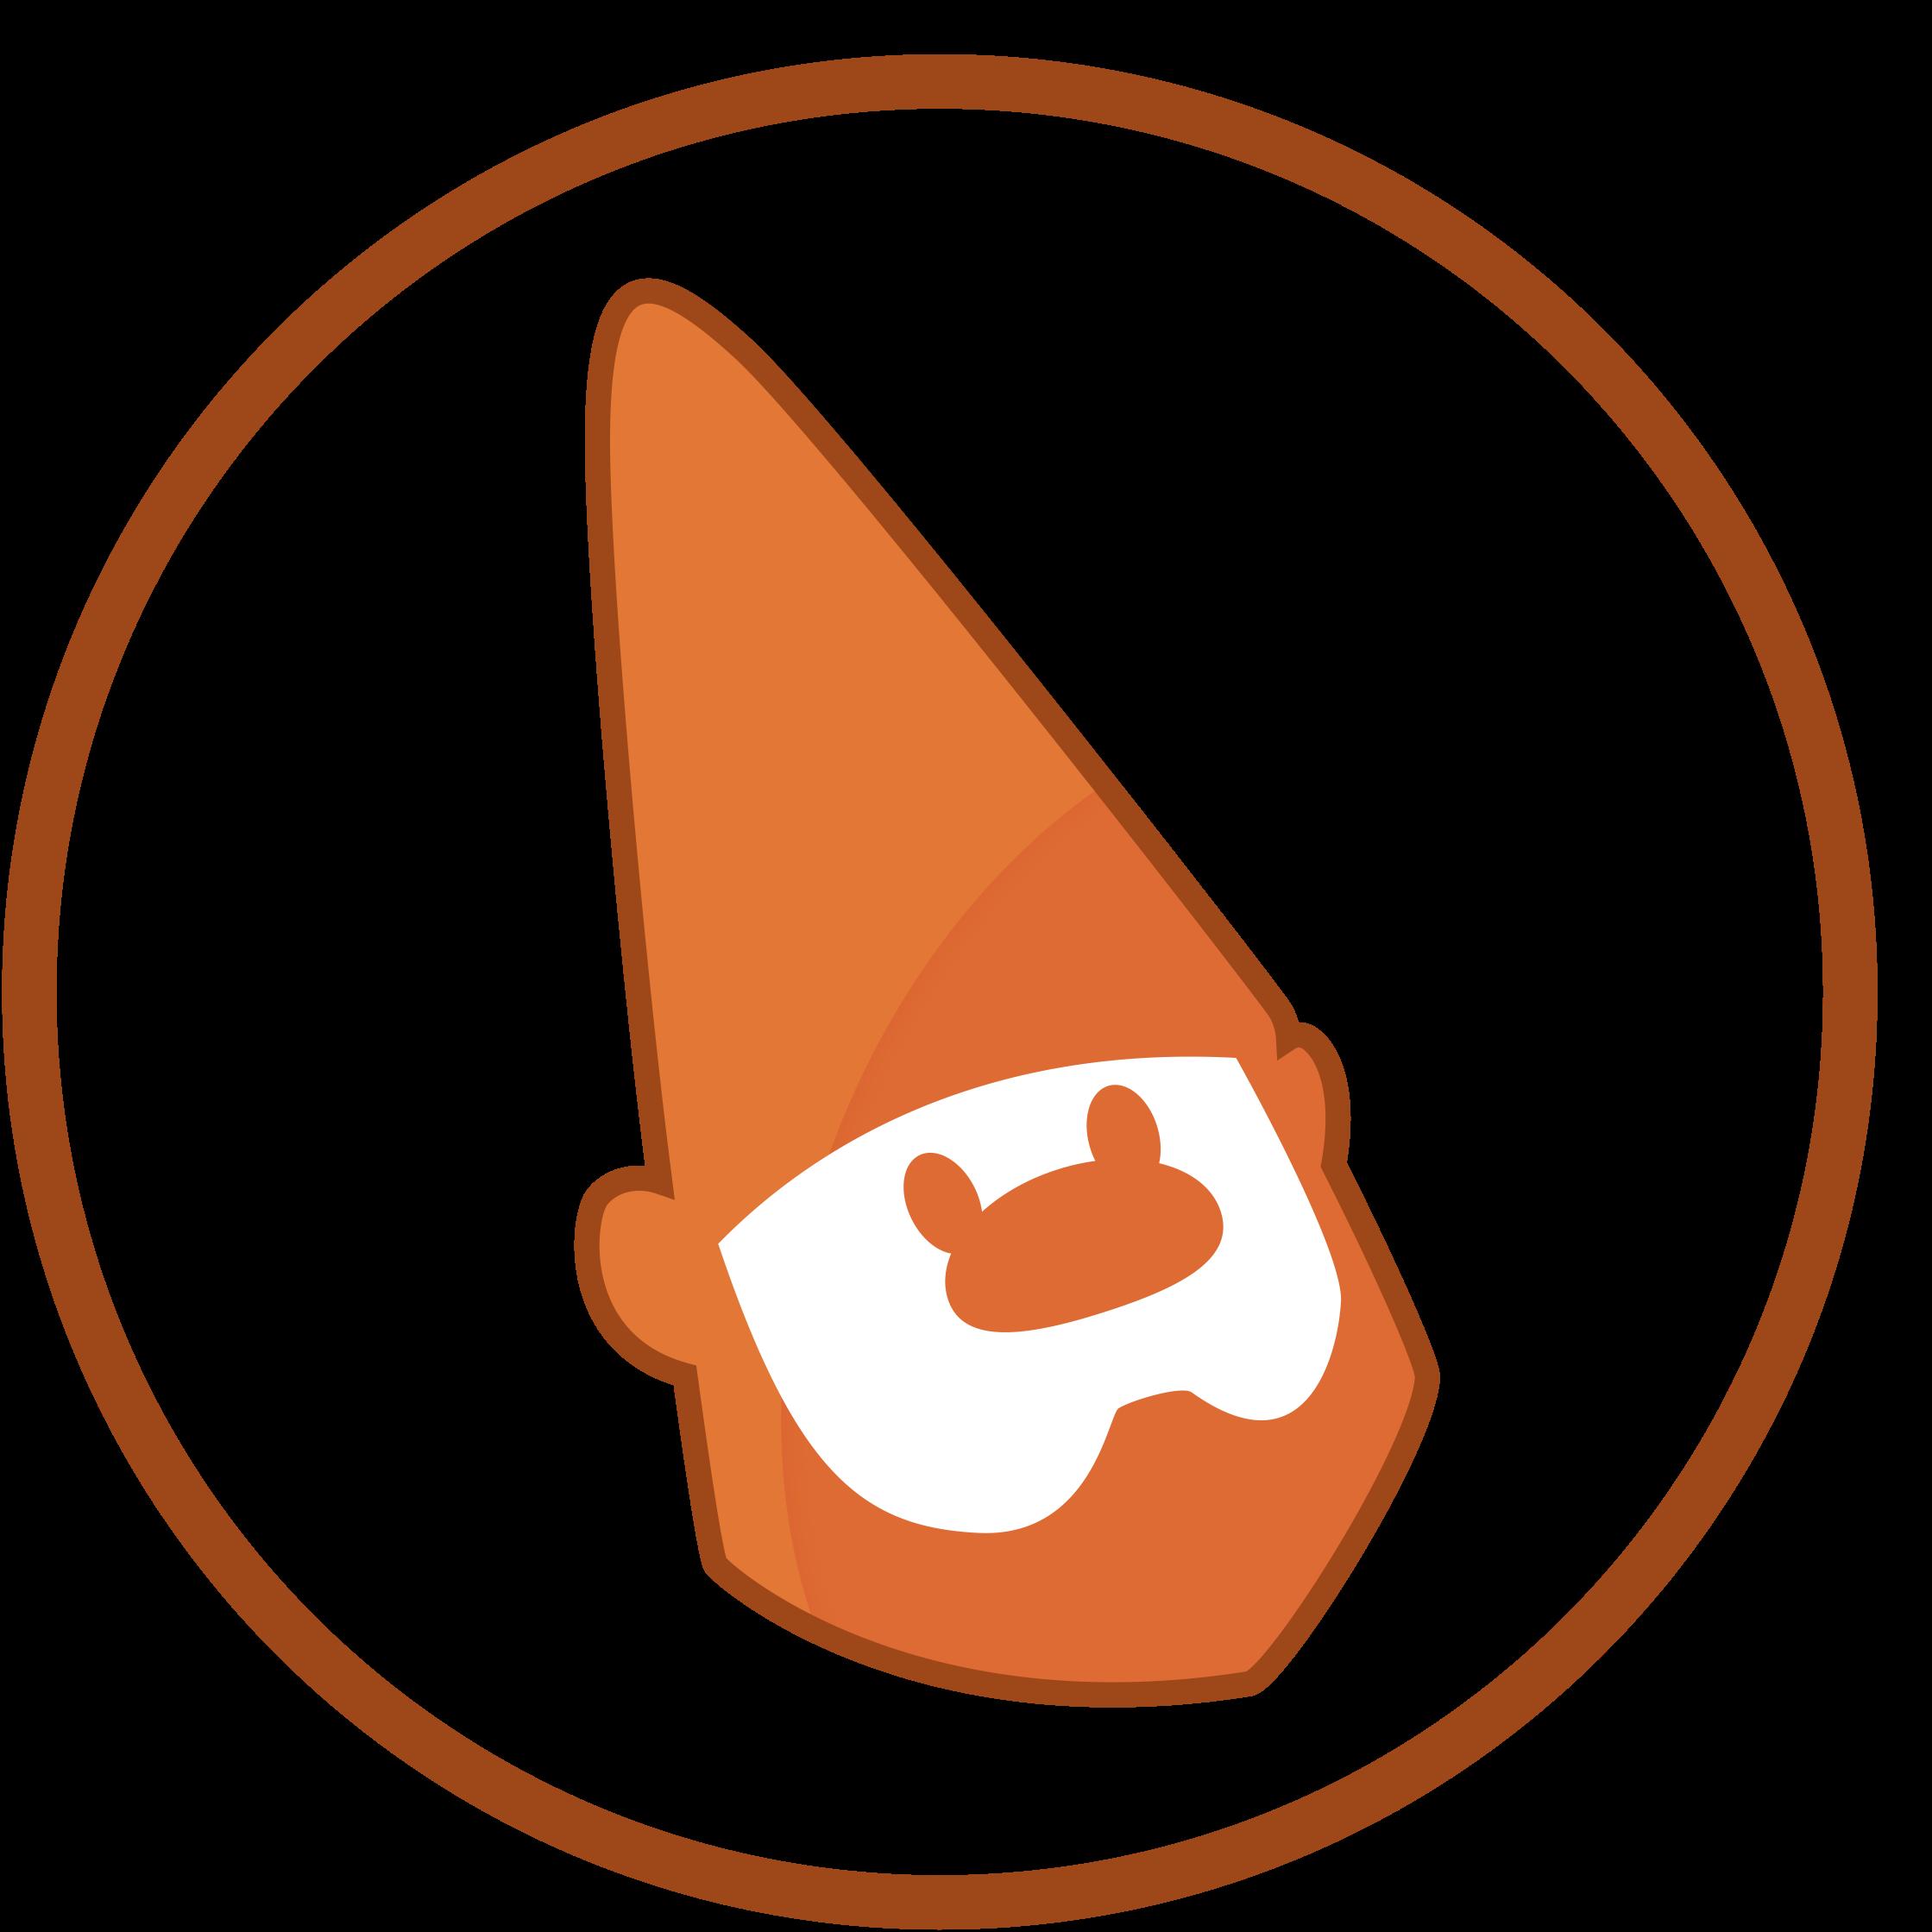 gnome clipart computer